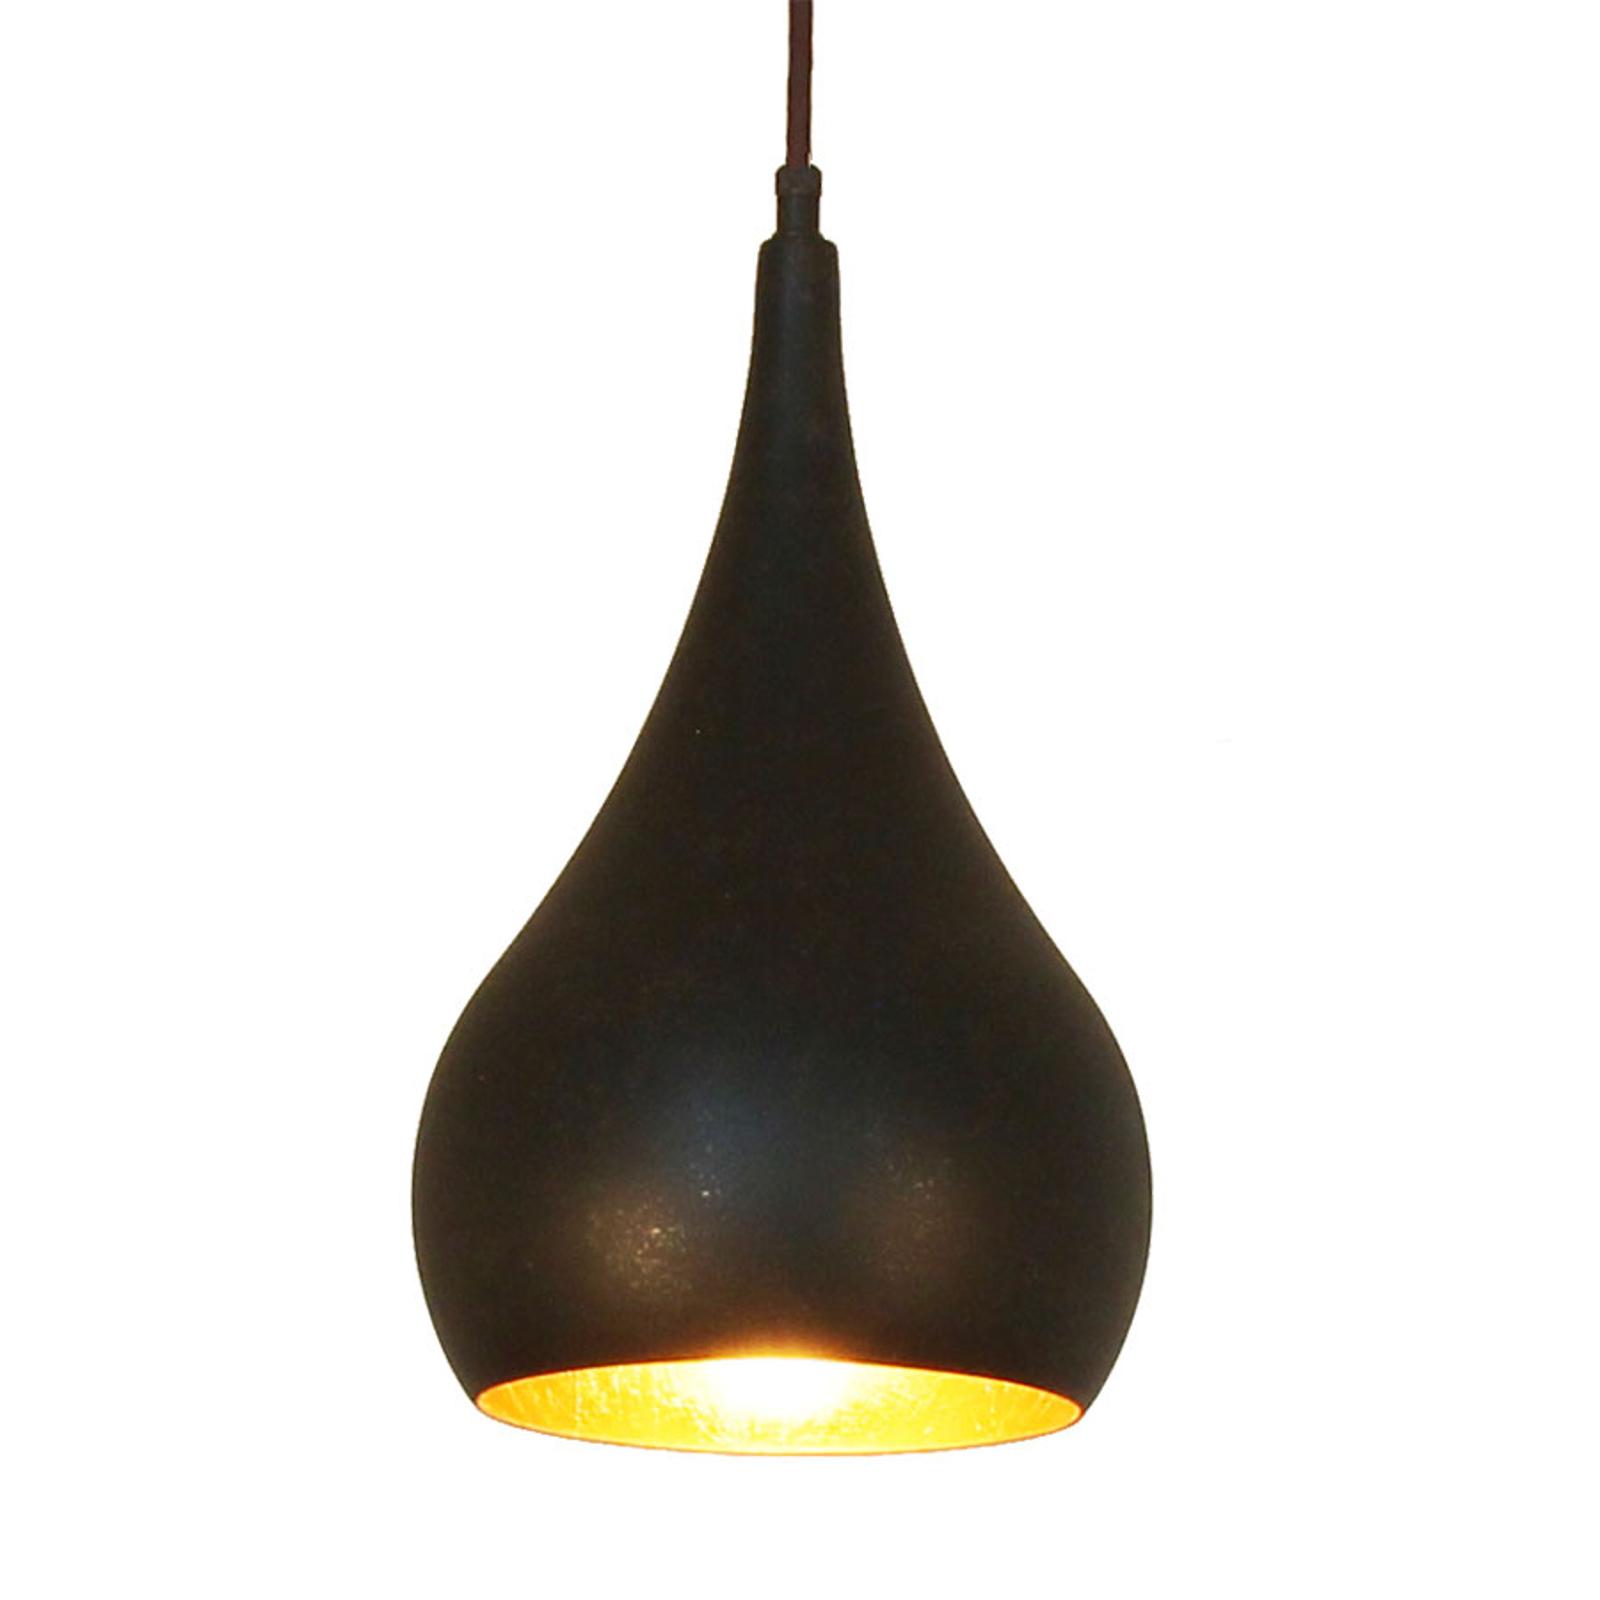 Menzel Solo lampa wisząca cebula brąz-czarna 16cm